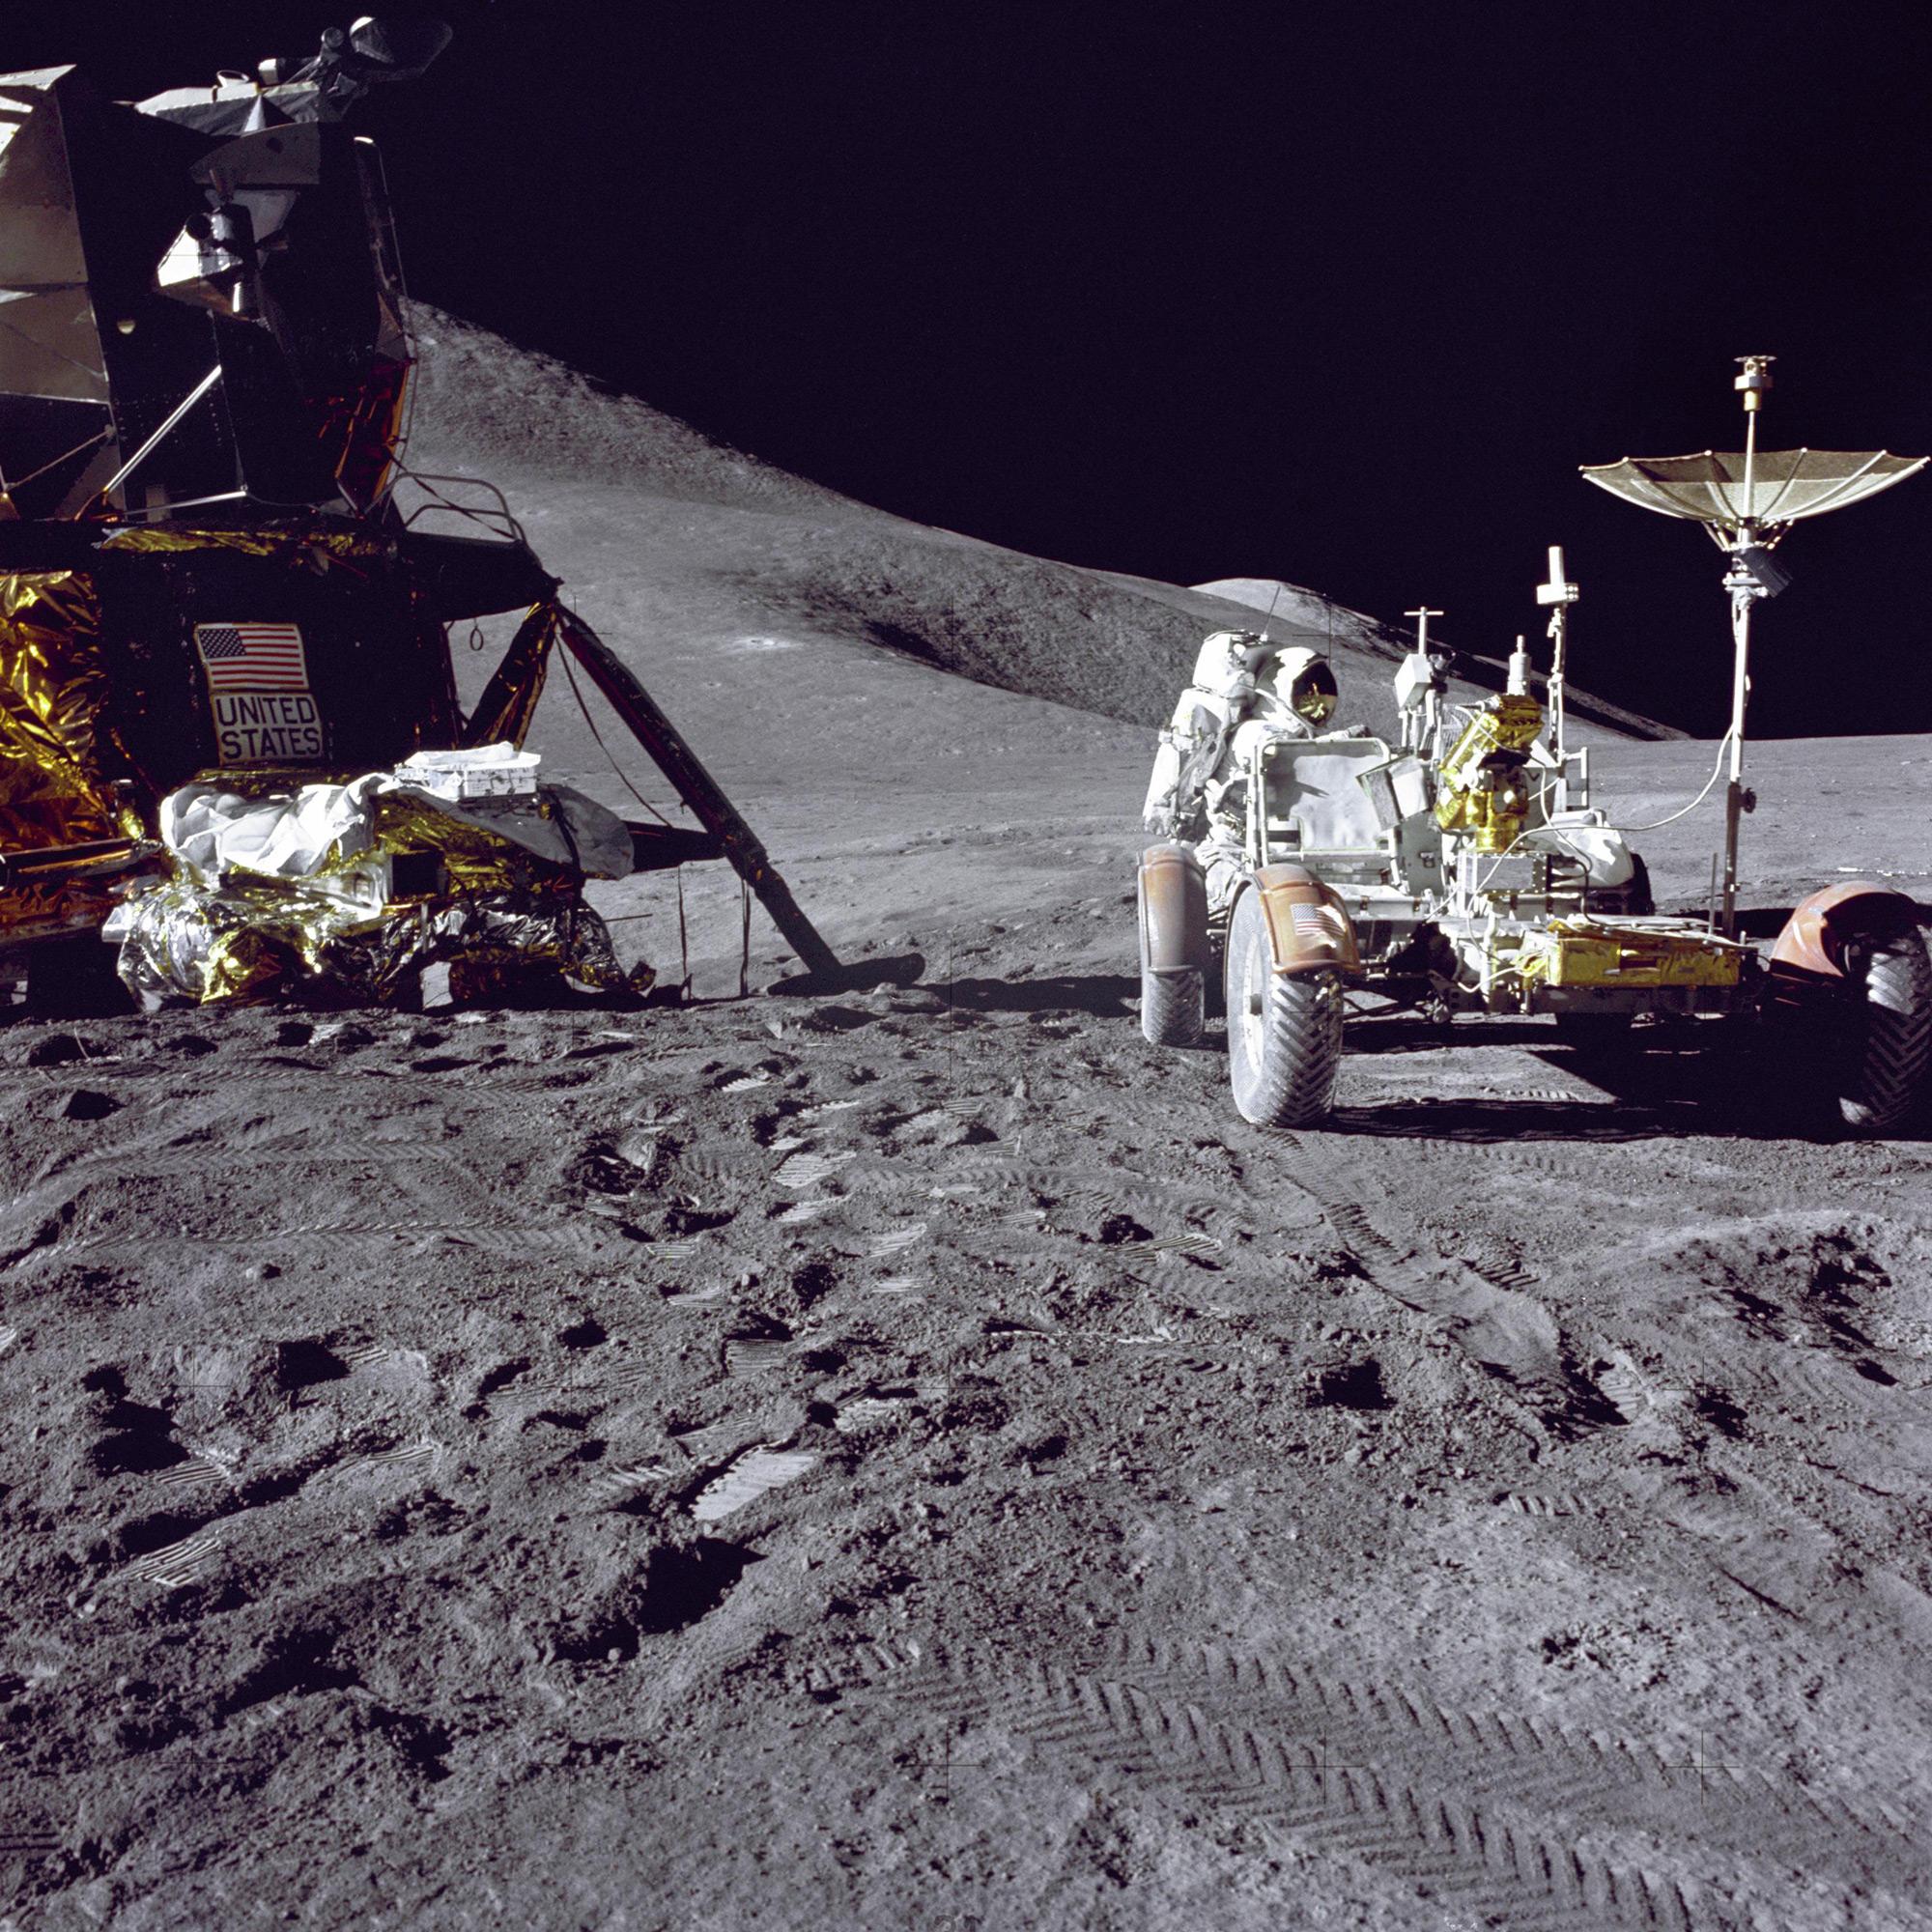 Apollo 15 — Hadley Rille